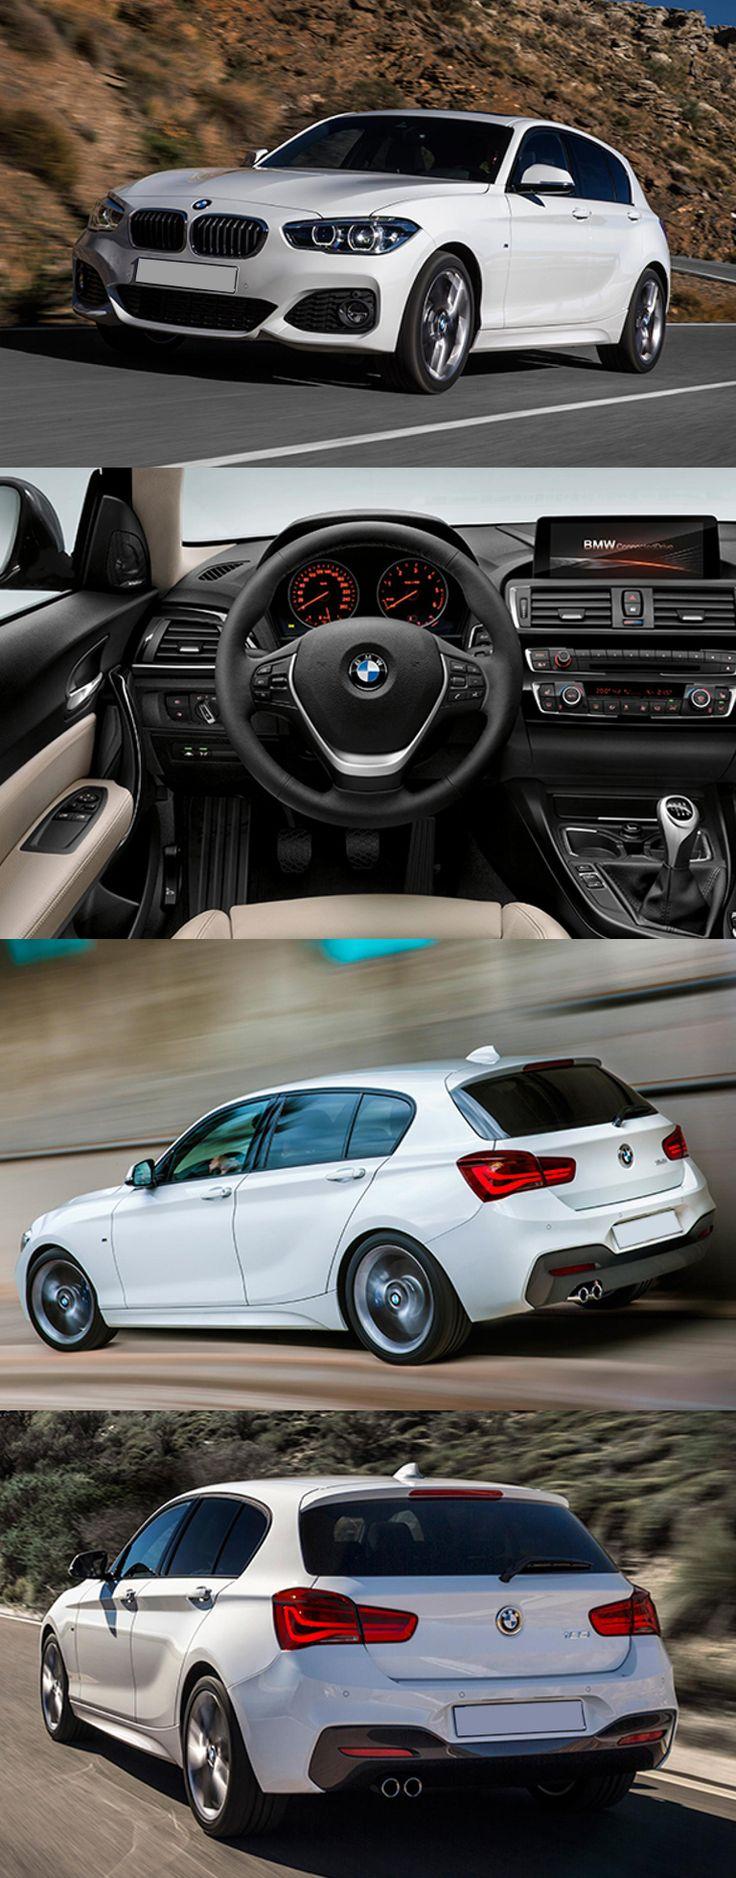 BMW 120d, Less Weight More Thrust For more detail:https://www.germancartech.co.uk/blog/bmw-120d-less-weight-thrust/